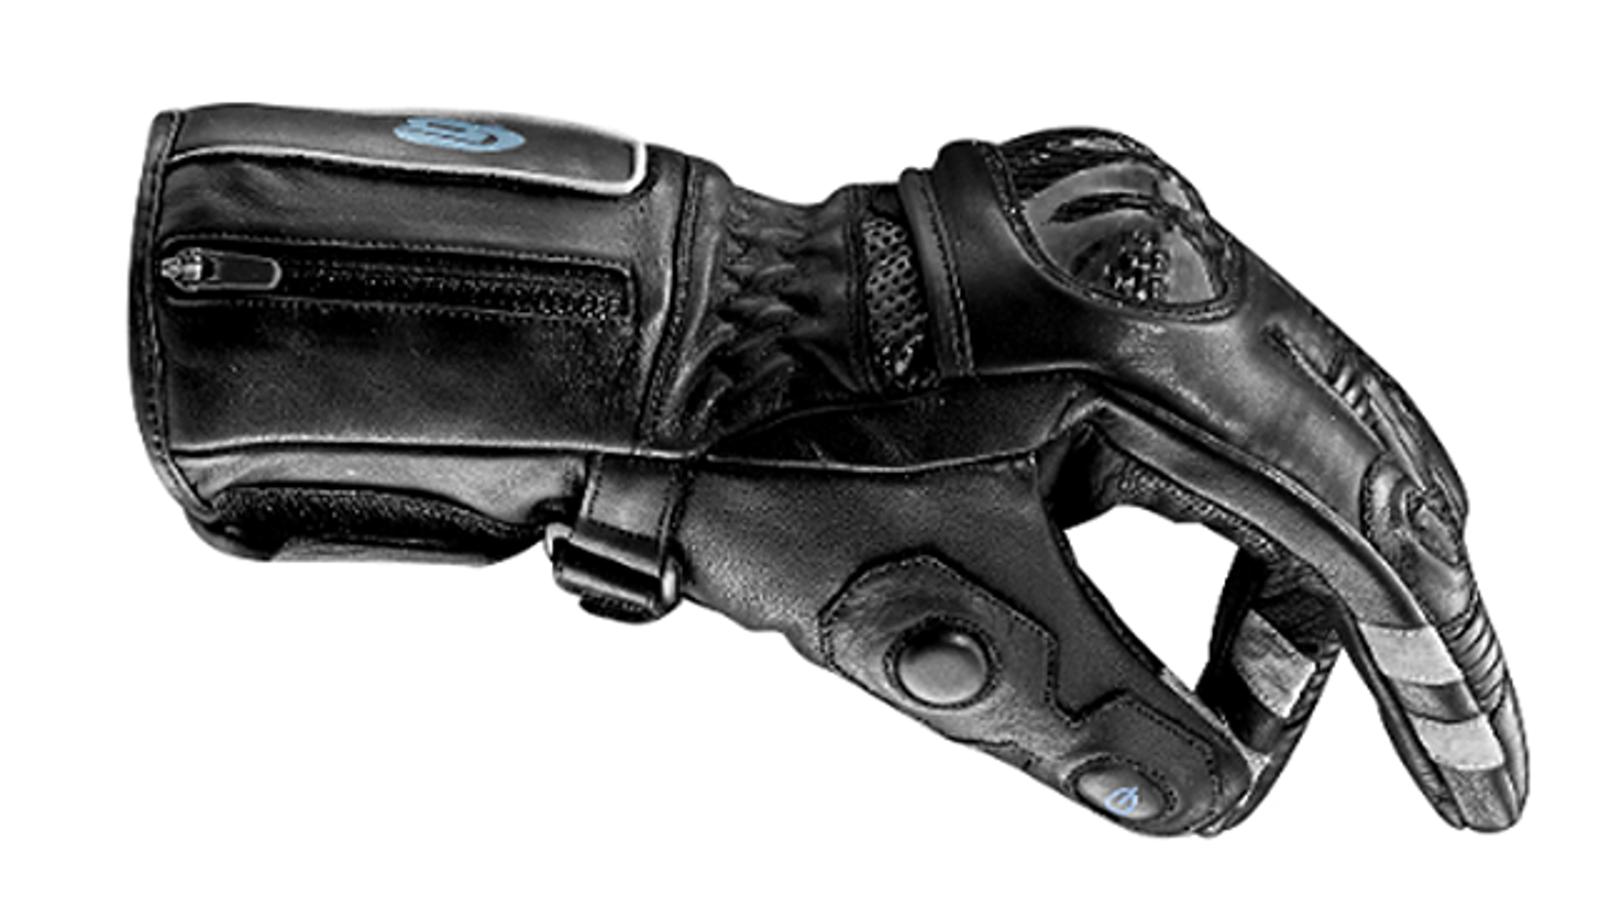 Así sí: diseñan guantes de moto con controles del móvil incorporados